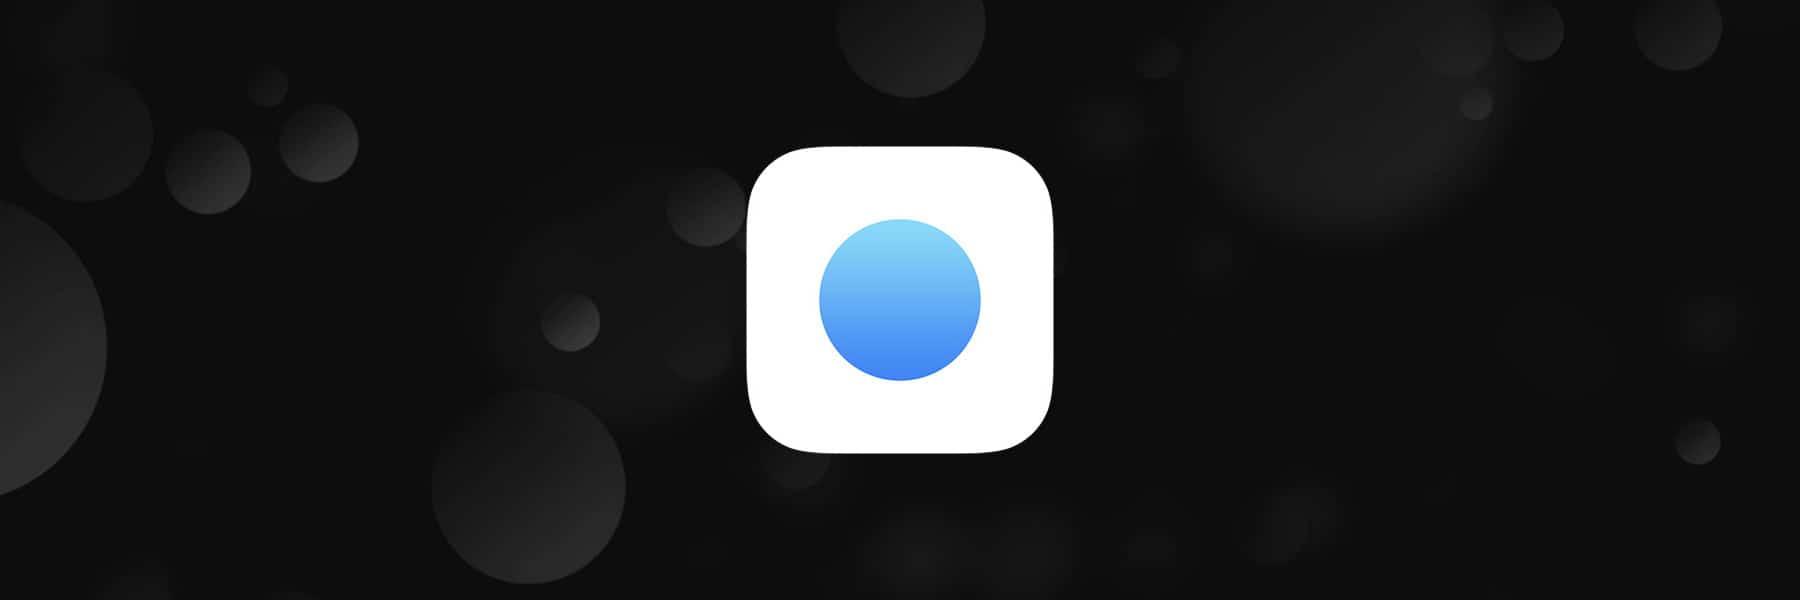 Drip: App hilft beim Wasser sparen